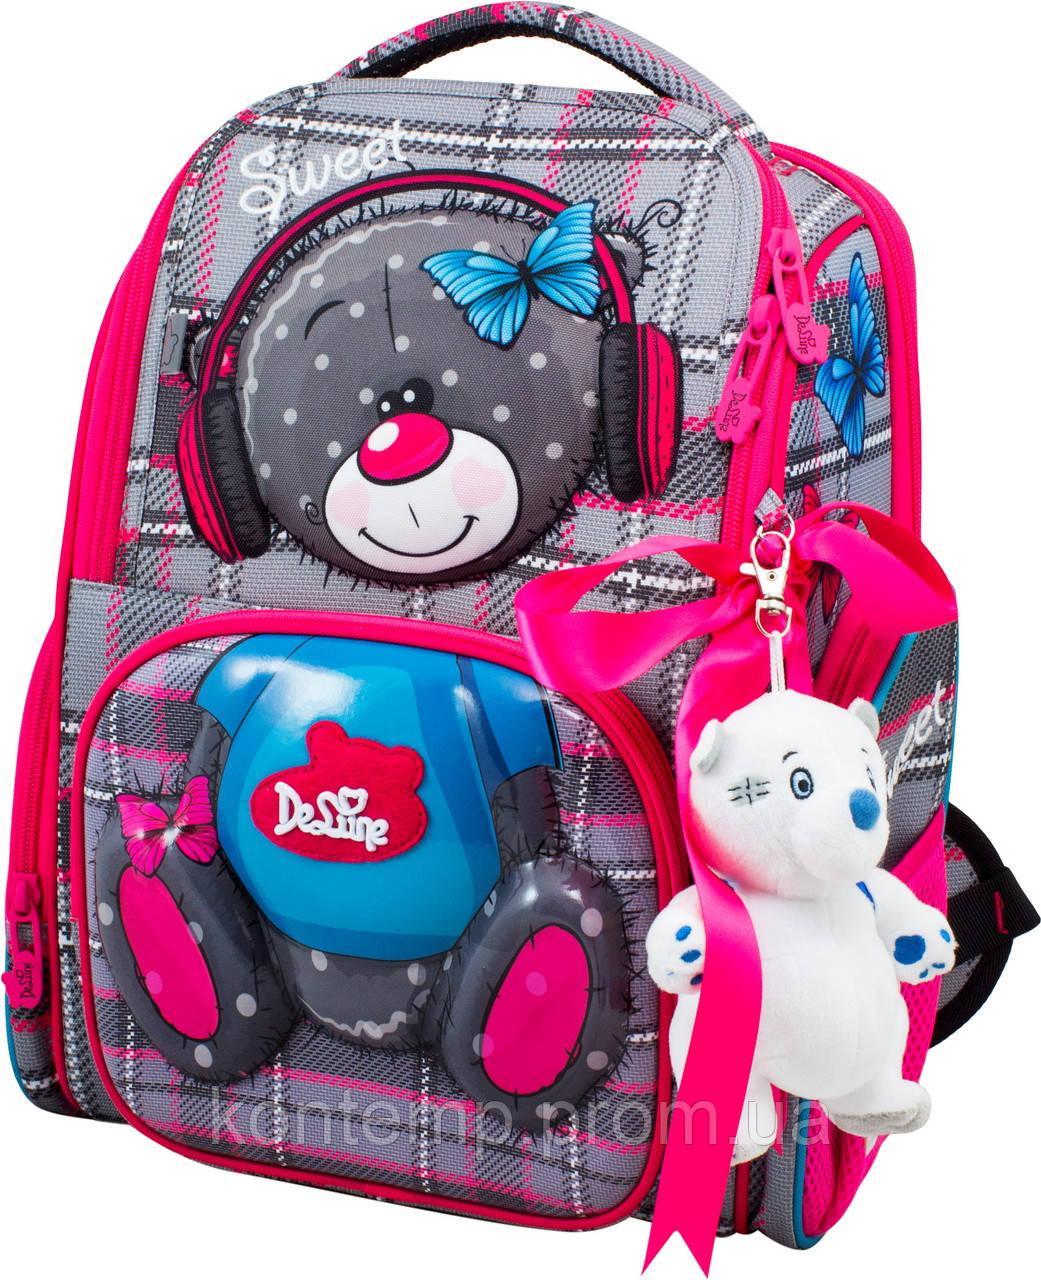 Шкільний ранець для дівчаток DeLune 11-026